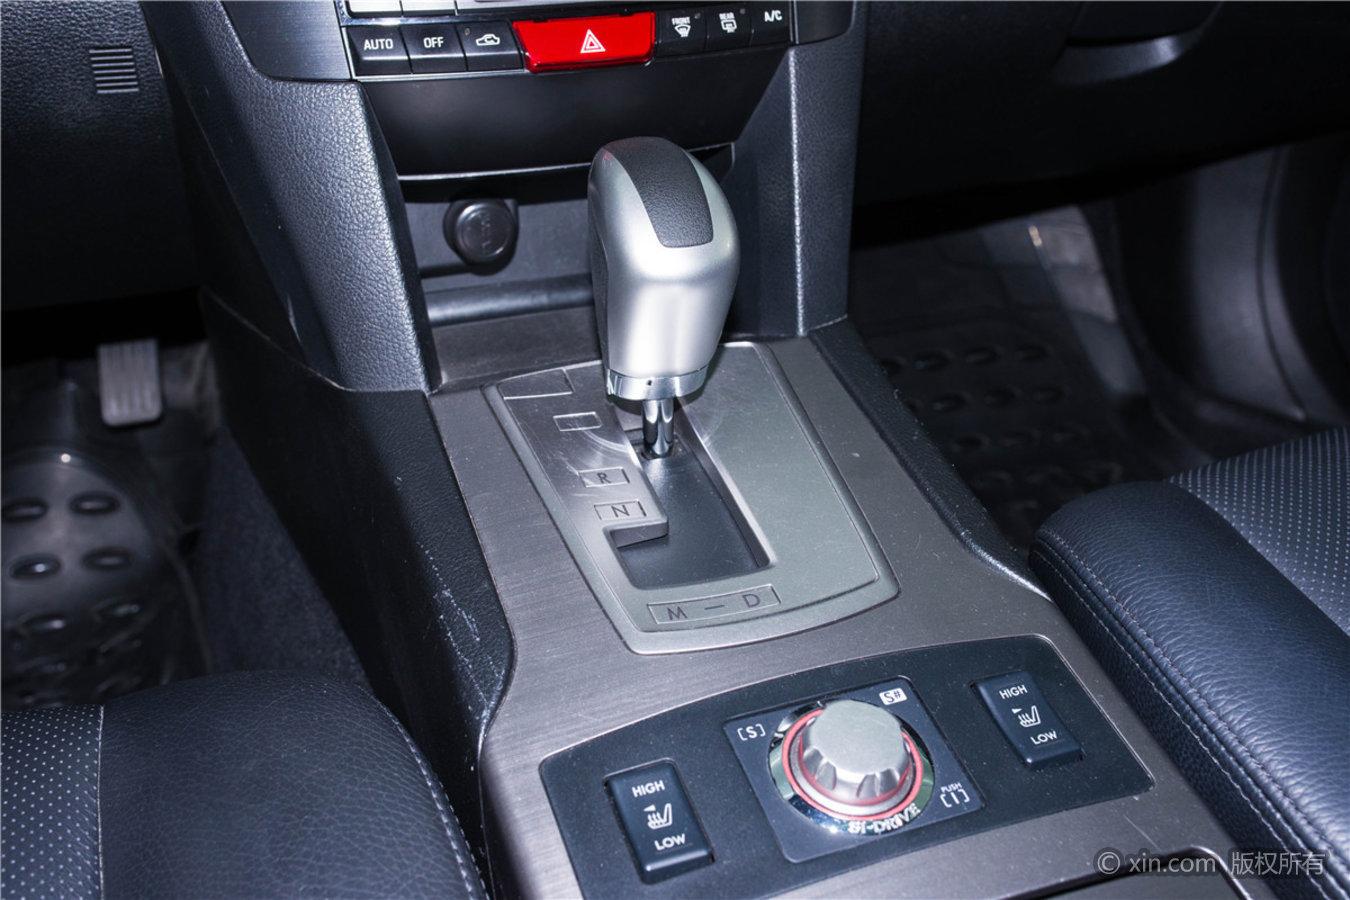 斯巴鲁 傲虎 2010款 3.6 自动 r豪华导航版全价17.68万